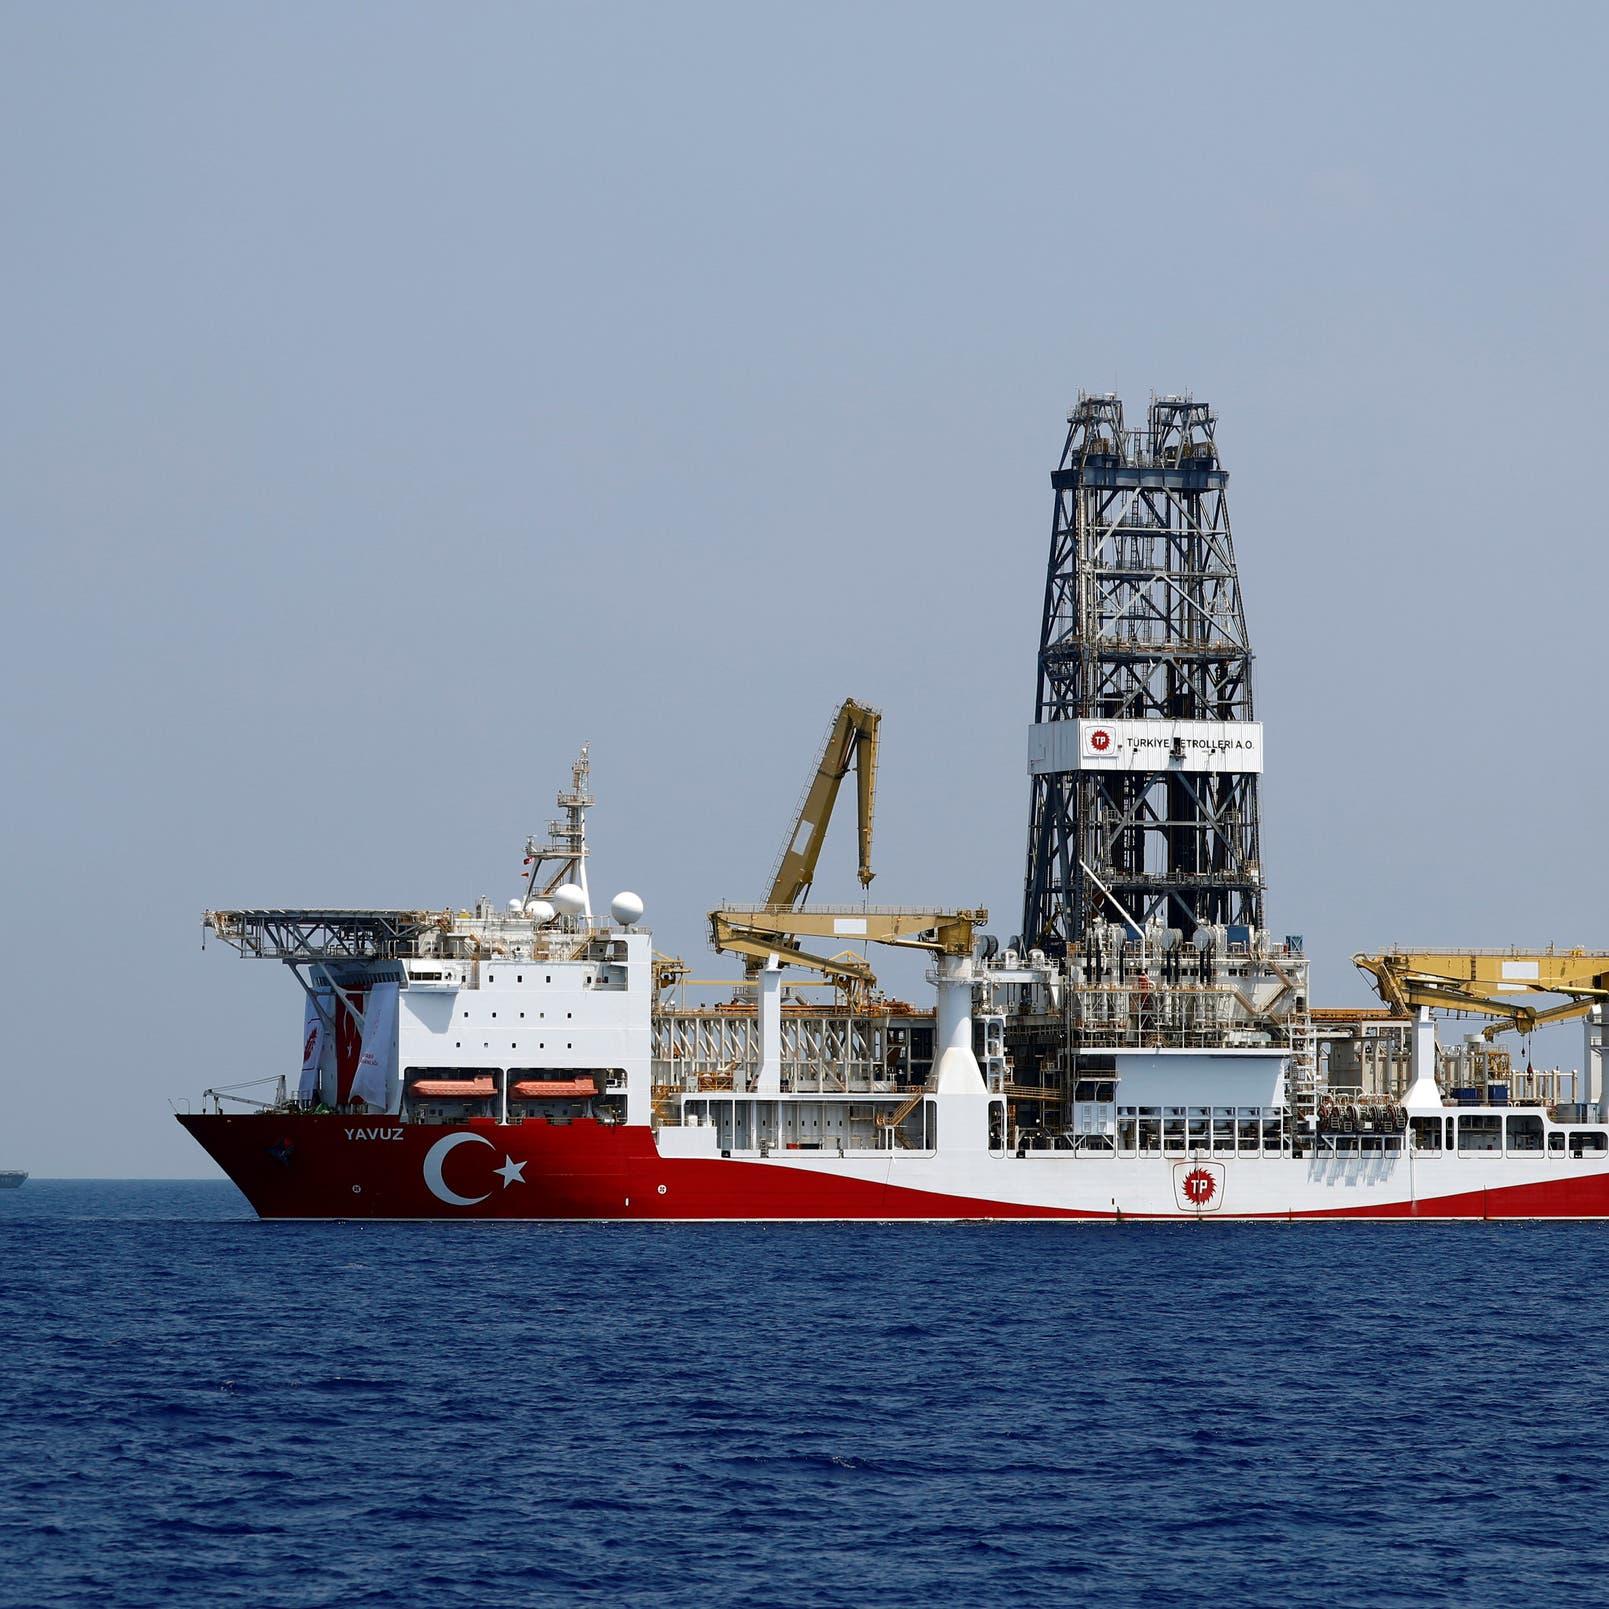 تركيا تتحدى تحذيرات أوروبا وتنقل سفينة تنقيب إلى جنوب قبرص